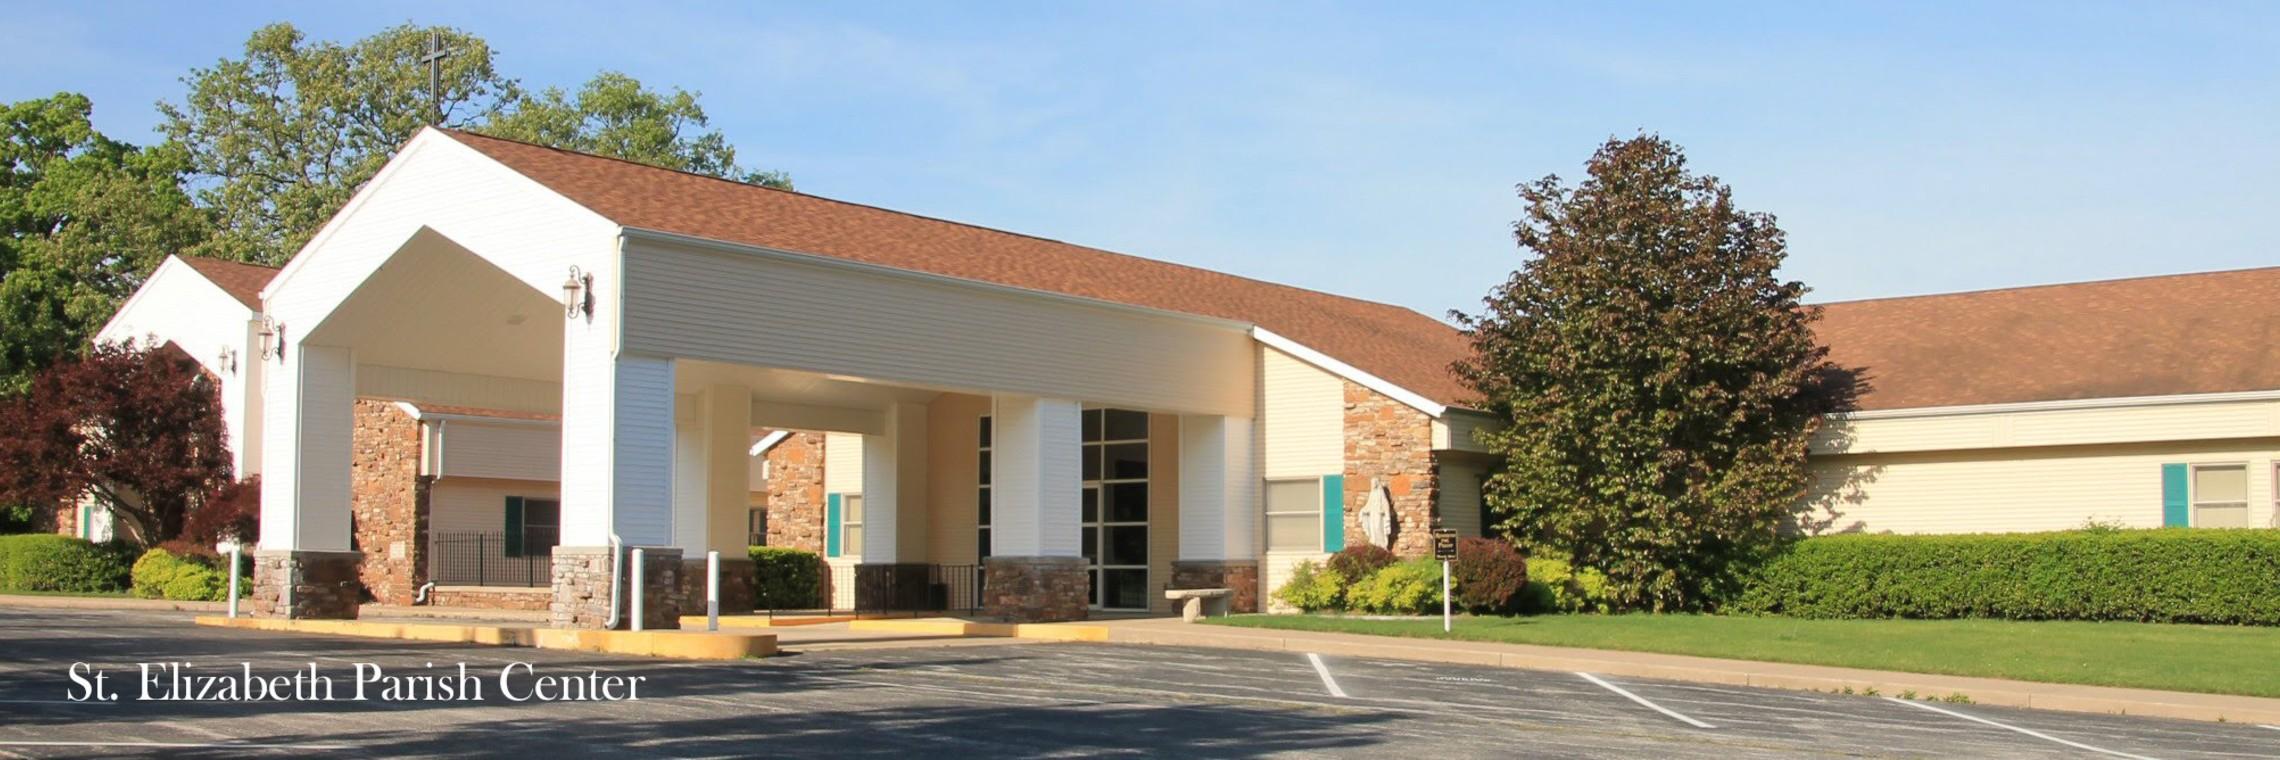 St Elizabeth Parish Center